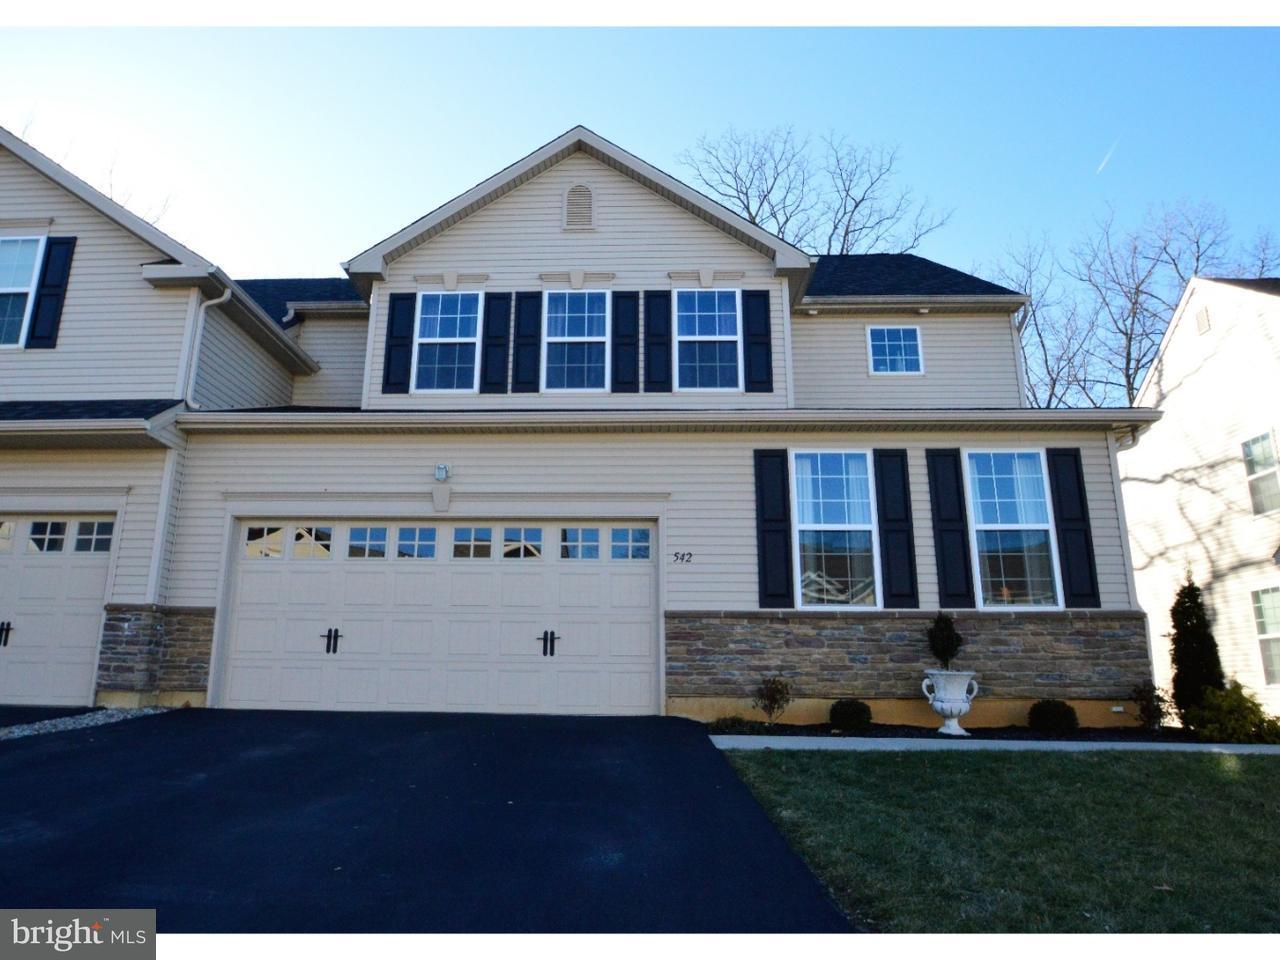 联栋屋 为 销售 在 542 RACITE Road Alburtis, 宾夕法尼亚州 18011 美国